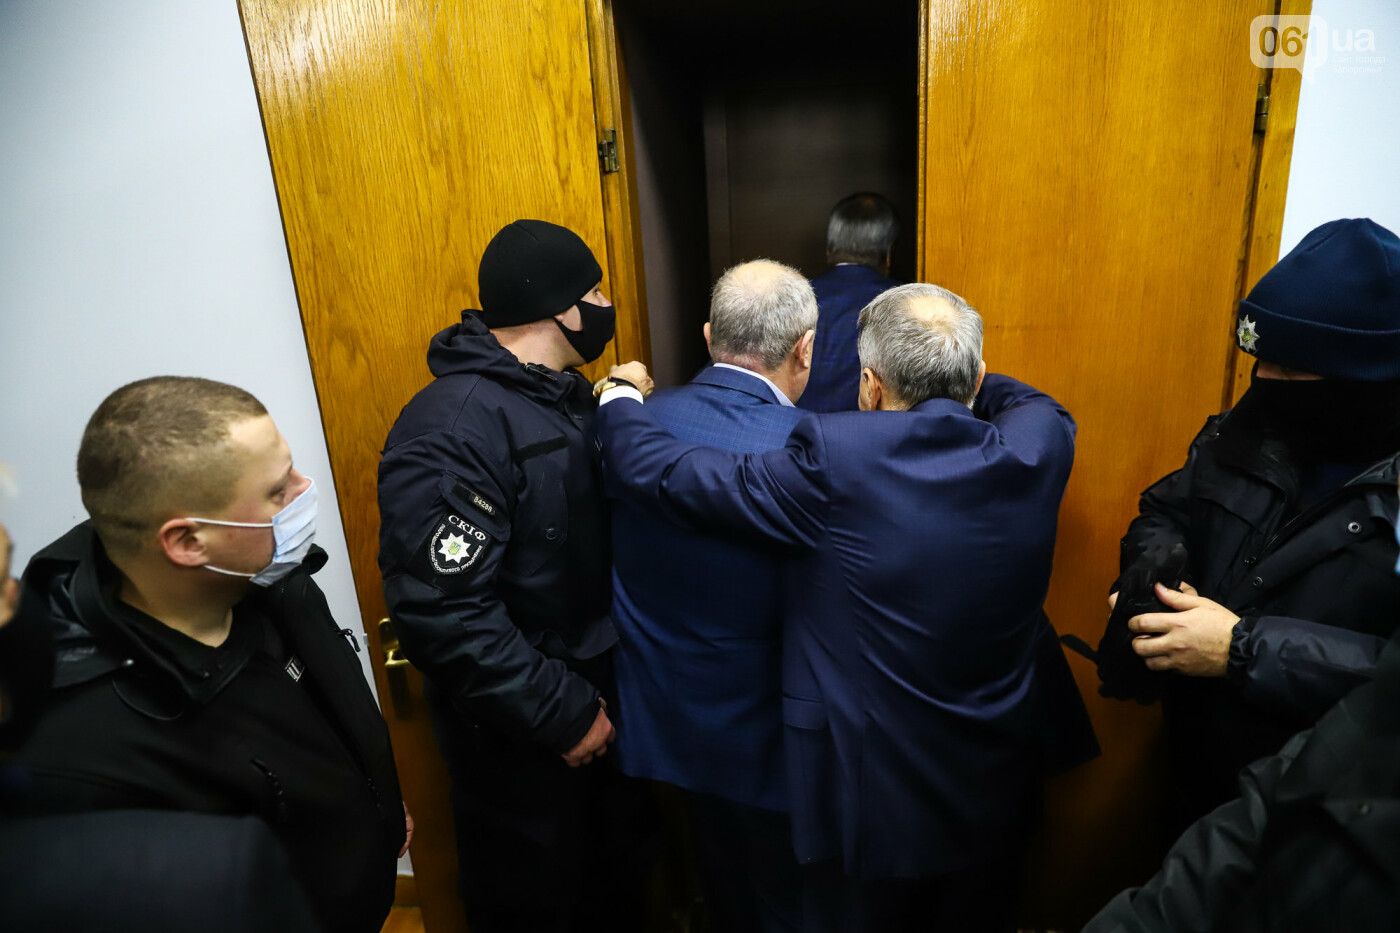 """Тайная """"сессия"""", сотни правоохранителей и стычки с активистами - что происходило в здании Запорожского облсовета, - ФОТО, ВИДЕО , фото-53"""